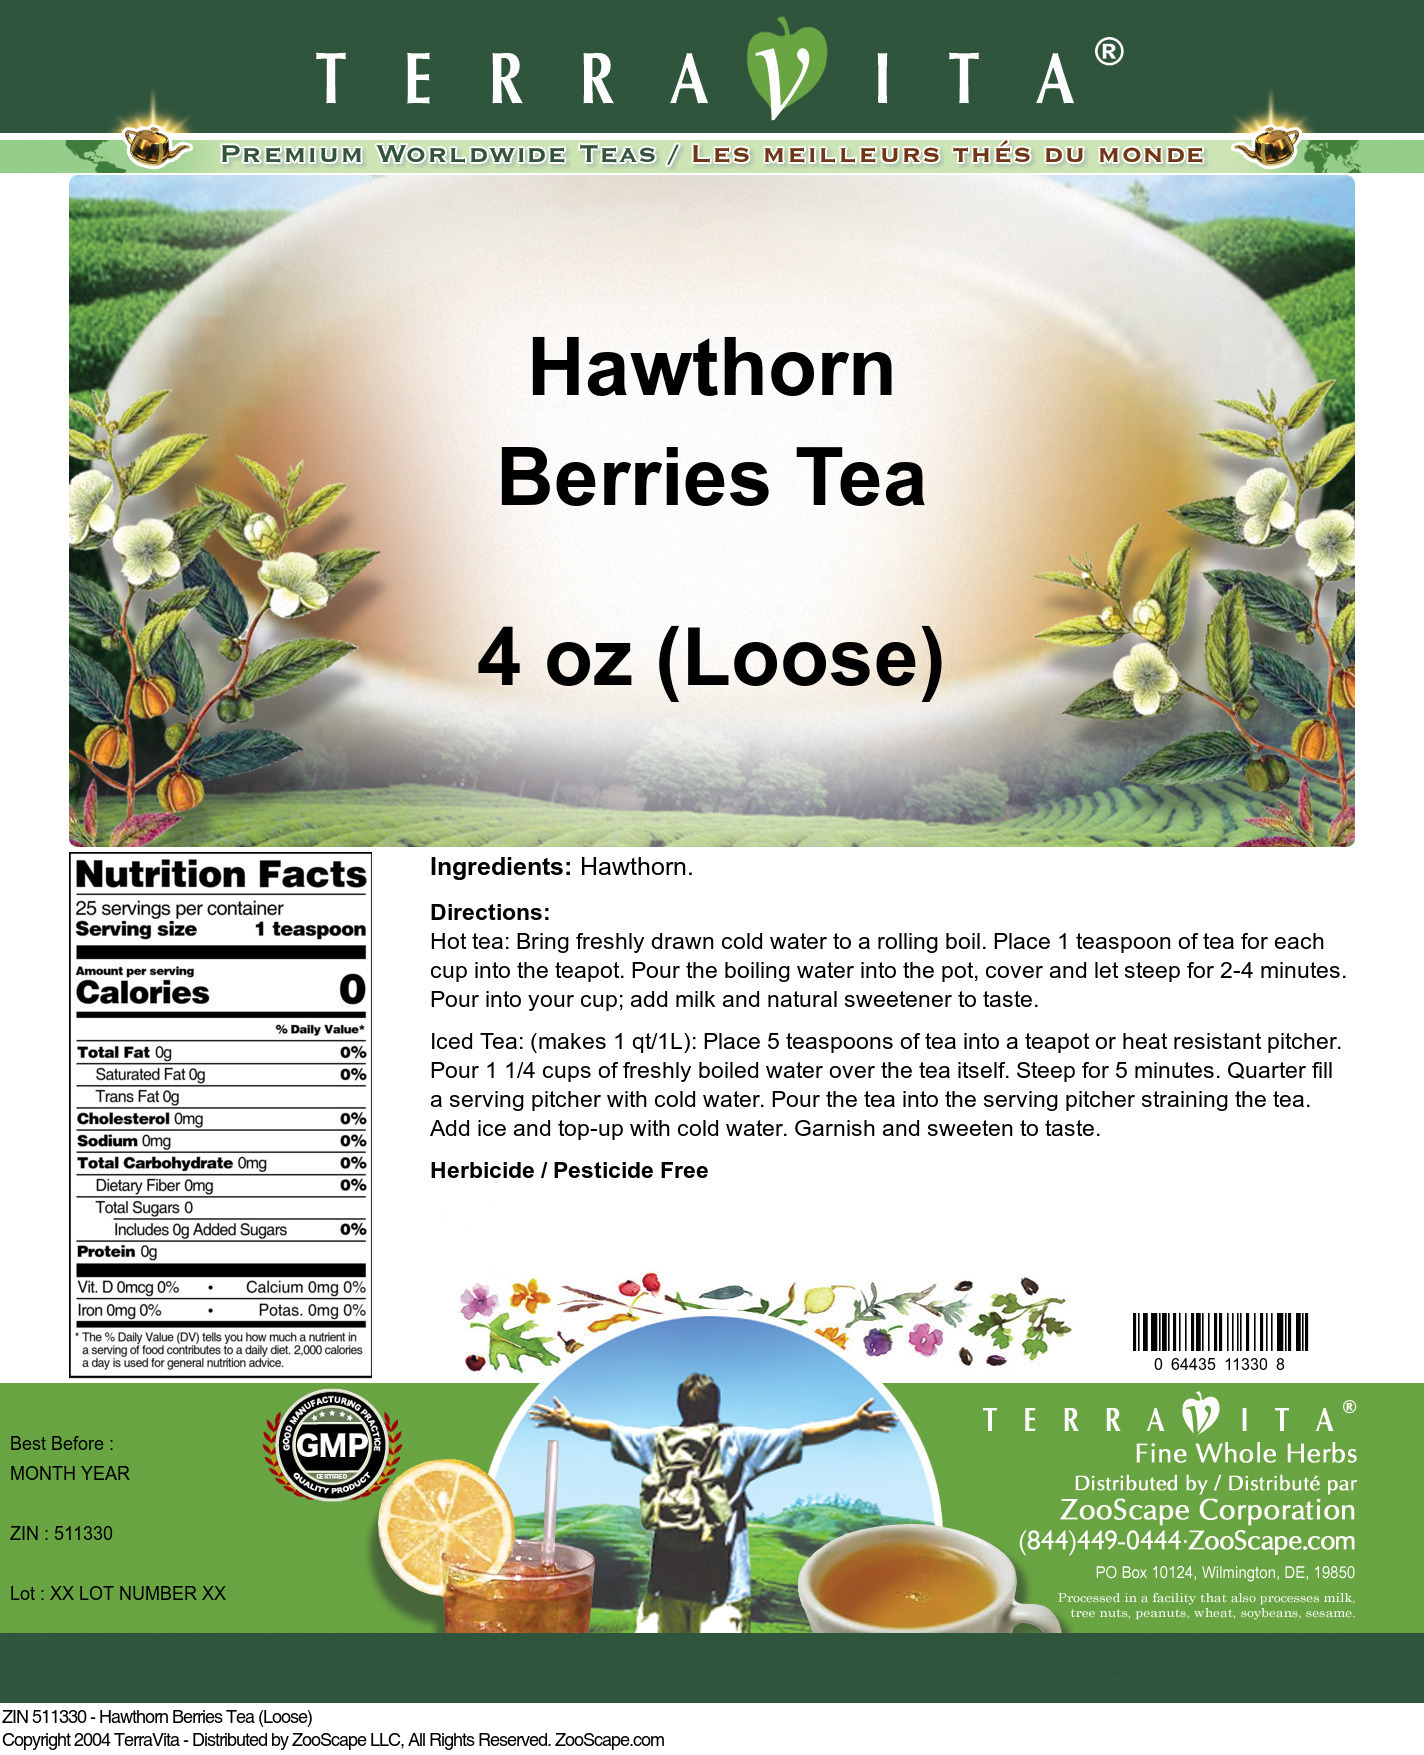 Hawthorn Berries Tea (Loose)